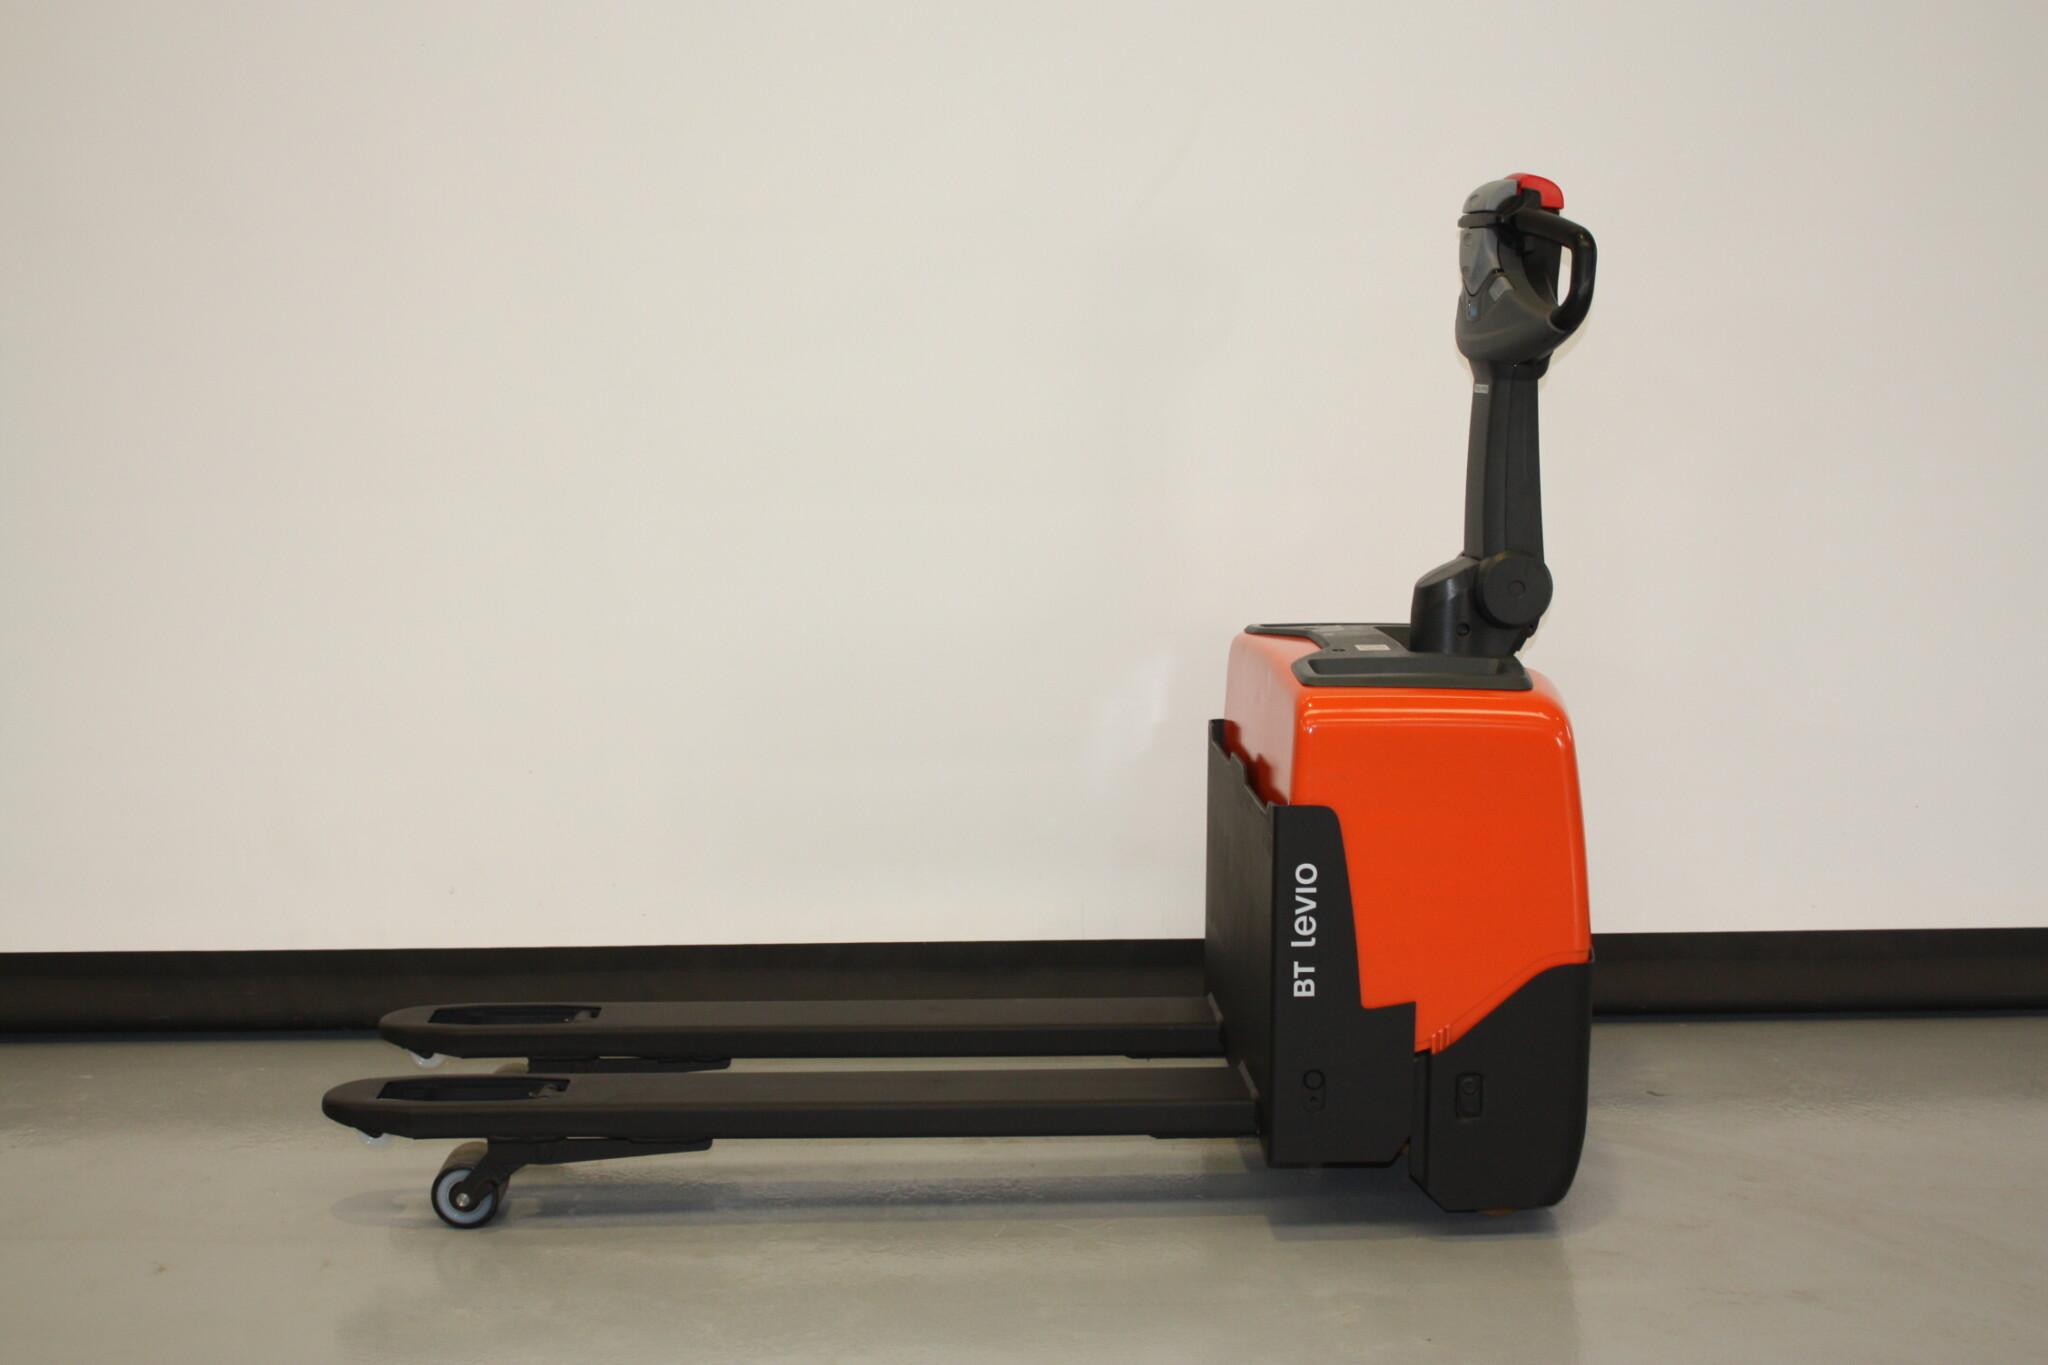 Toyota-Gabelstapler-59840 1804000593 1 scaled